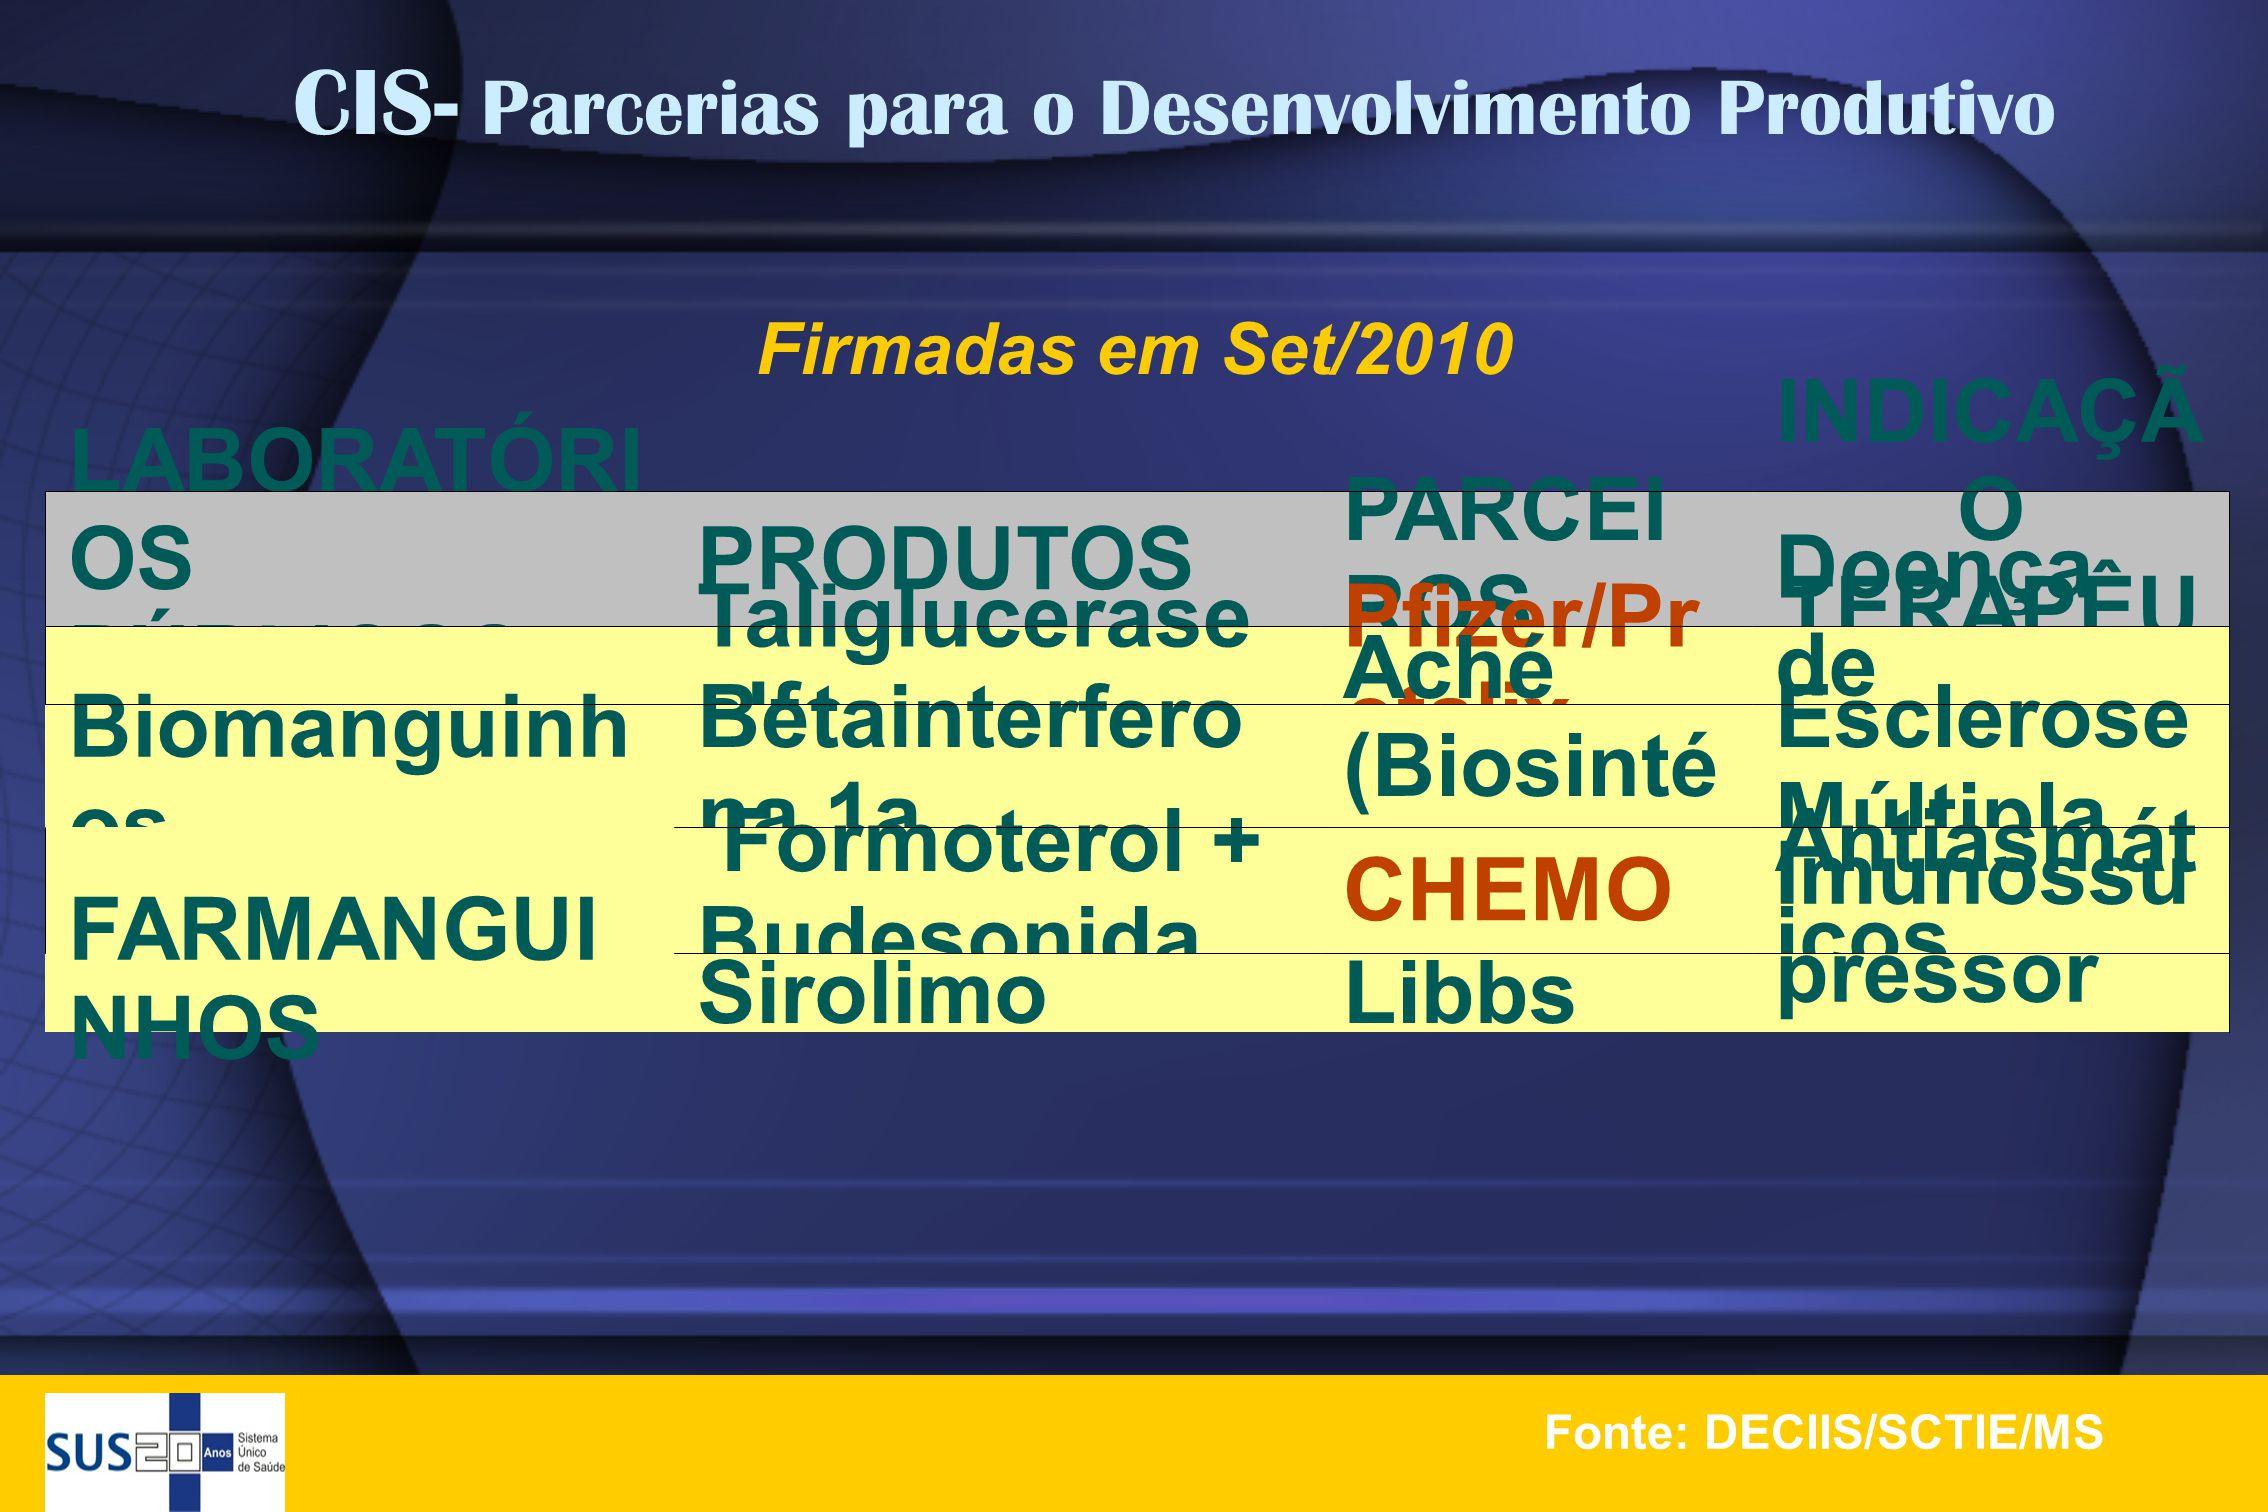 Firmadas em Set/2010 LABORATÓRI OS PÚBLICOS PRODUTOS PARCEI ROS INDICAÇÃ O TERAPÊU TICA Biomanguinh os Taliglucerase alfa Pfizer/Pr otalix Doença de G